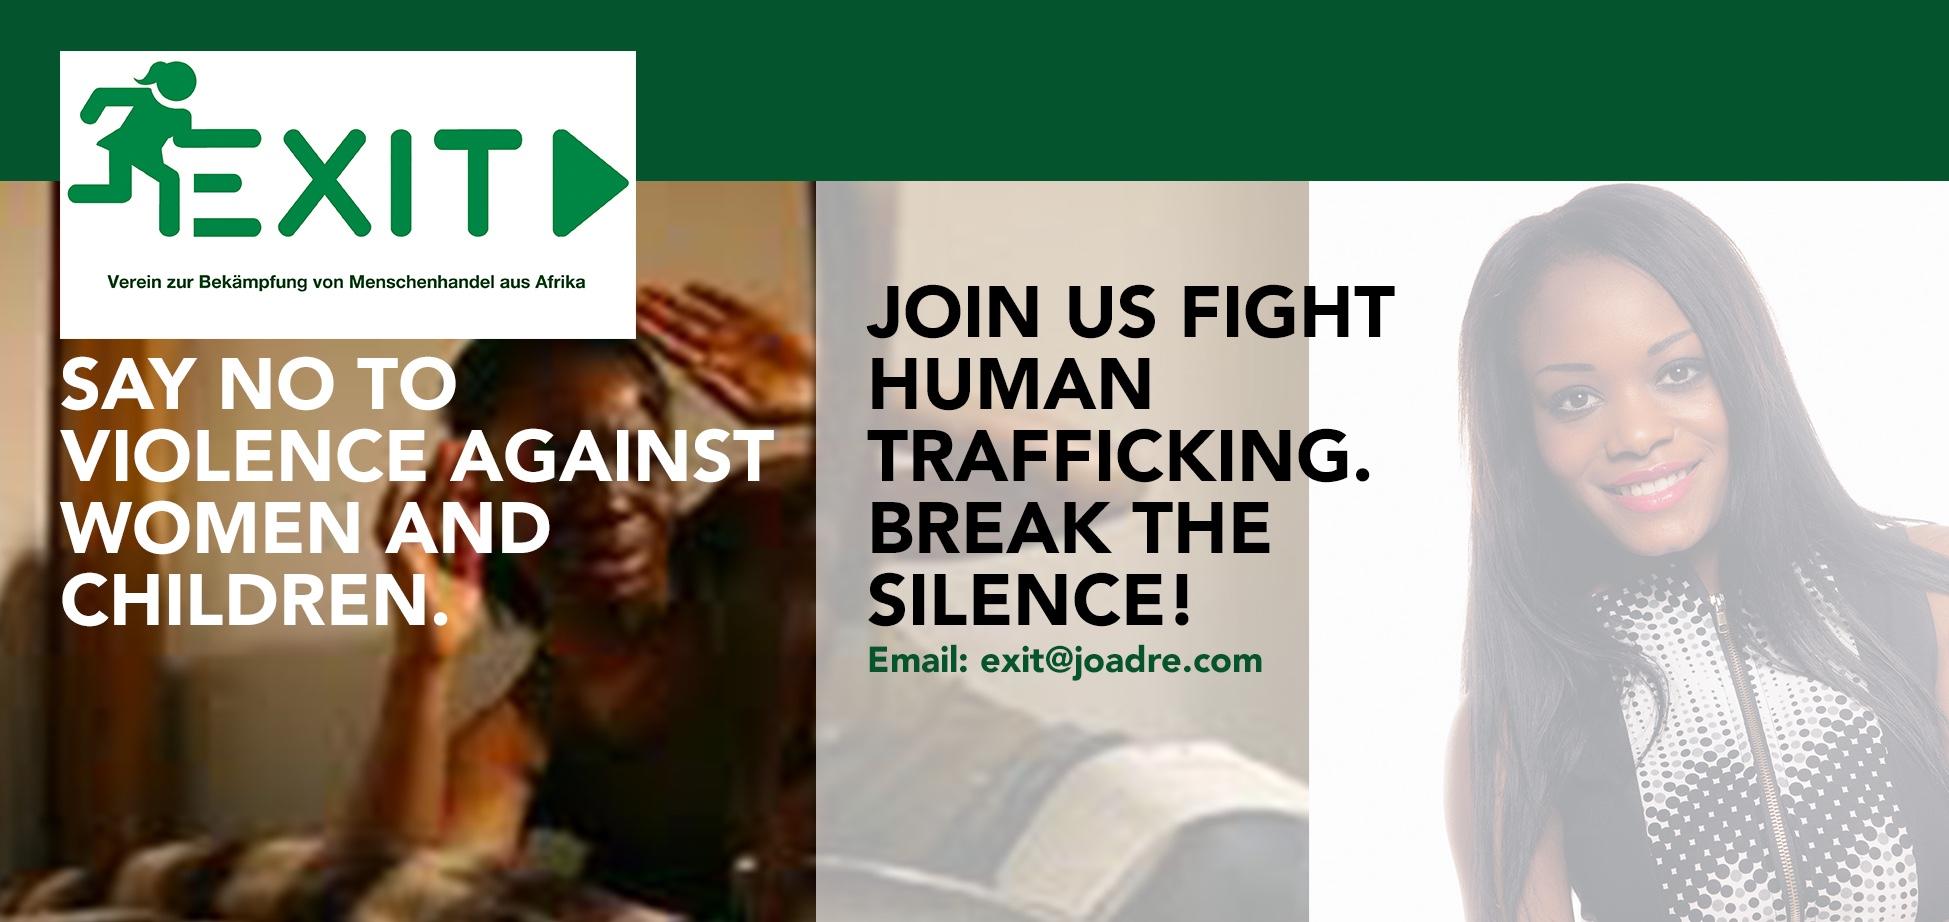 Verein EXIT. Joana Adesuwa Reiterer. Verein zu Bekämpfung von Menschenhandel aus Afrika